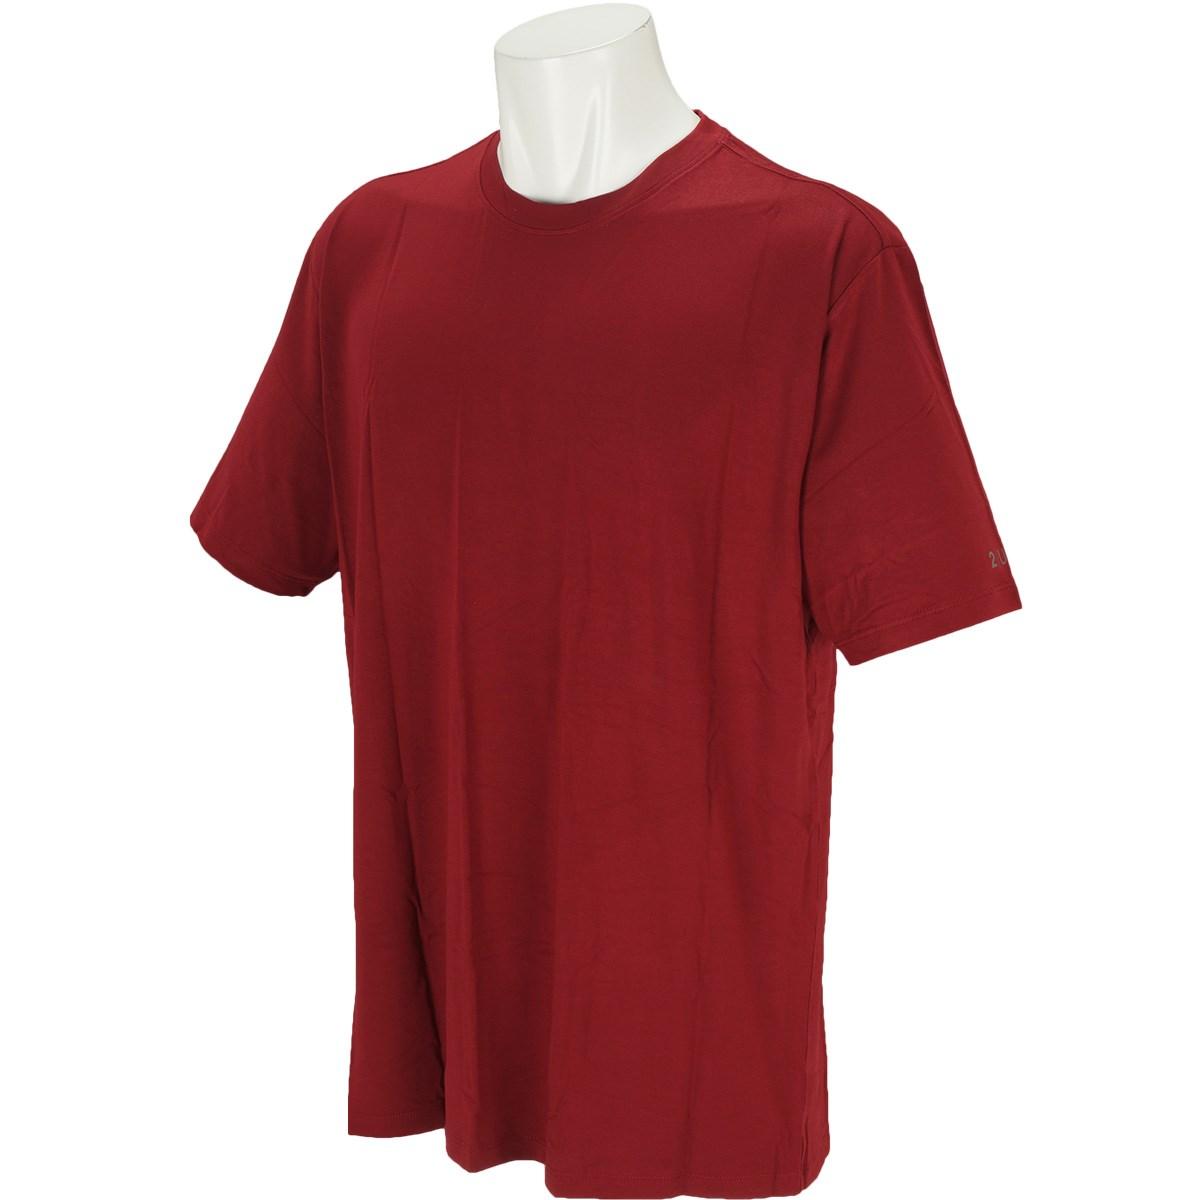 ツーアンダー 2UNDR クルーネック 半袖Tシャツ M MERLOT